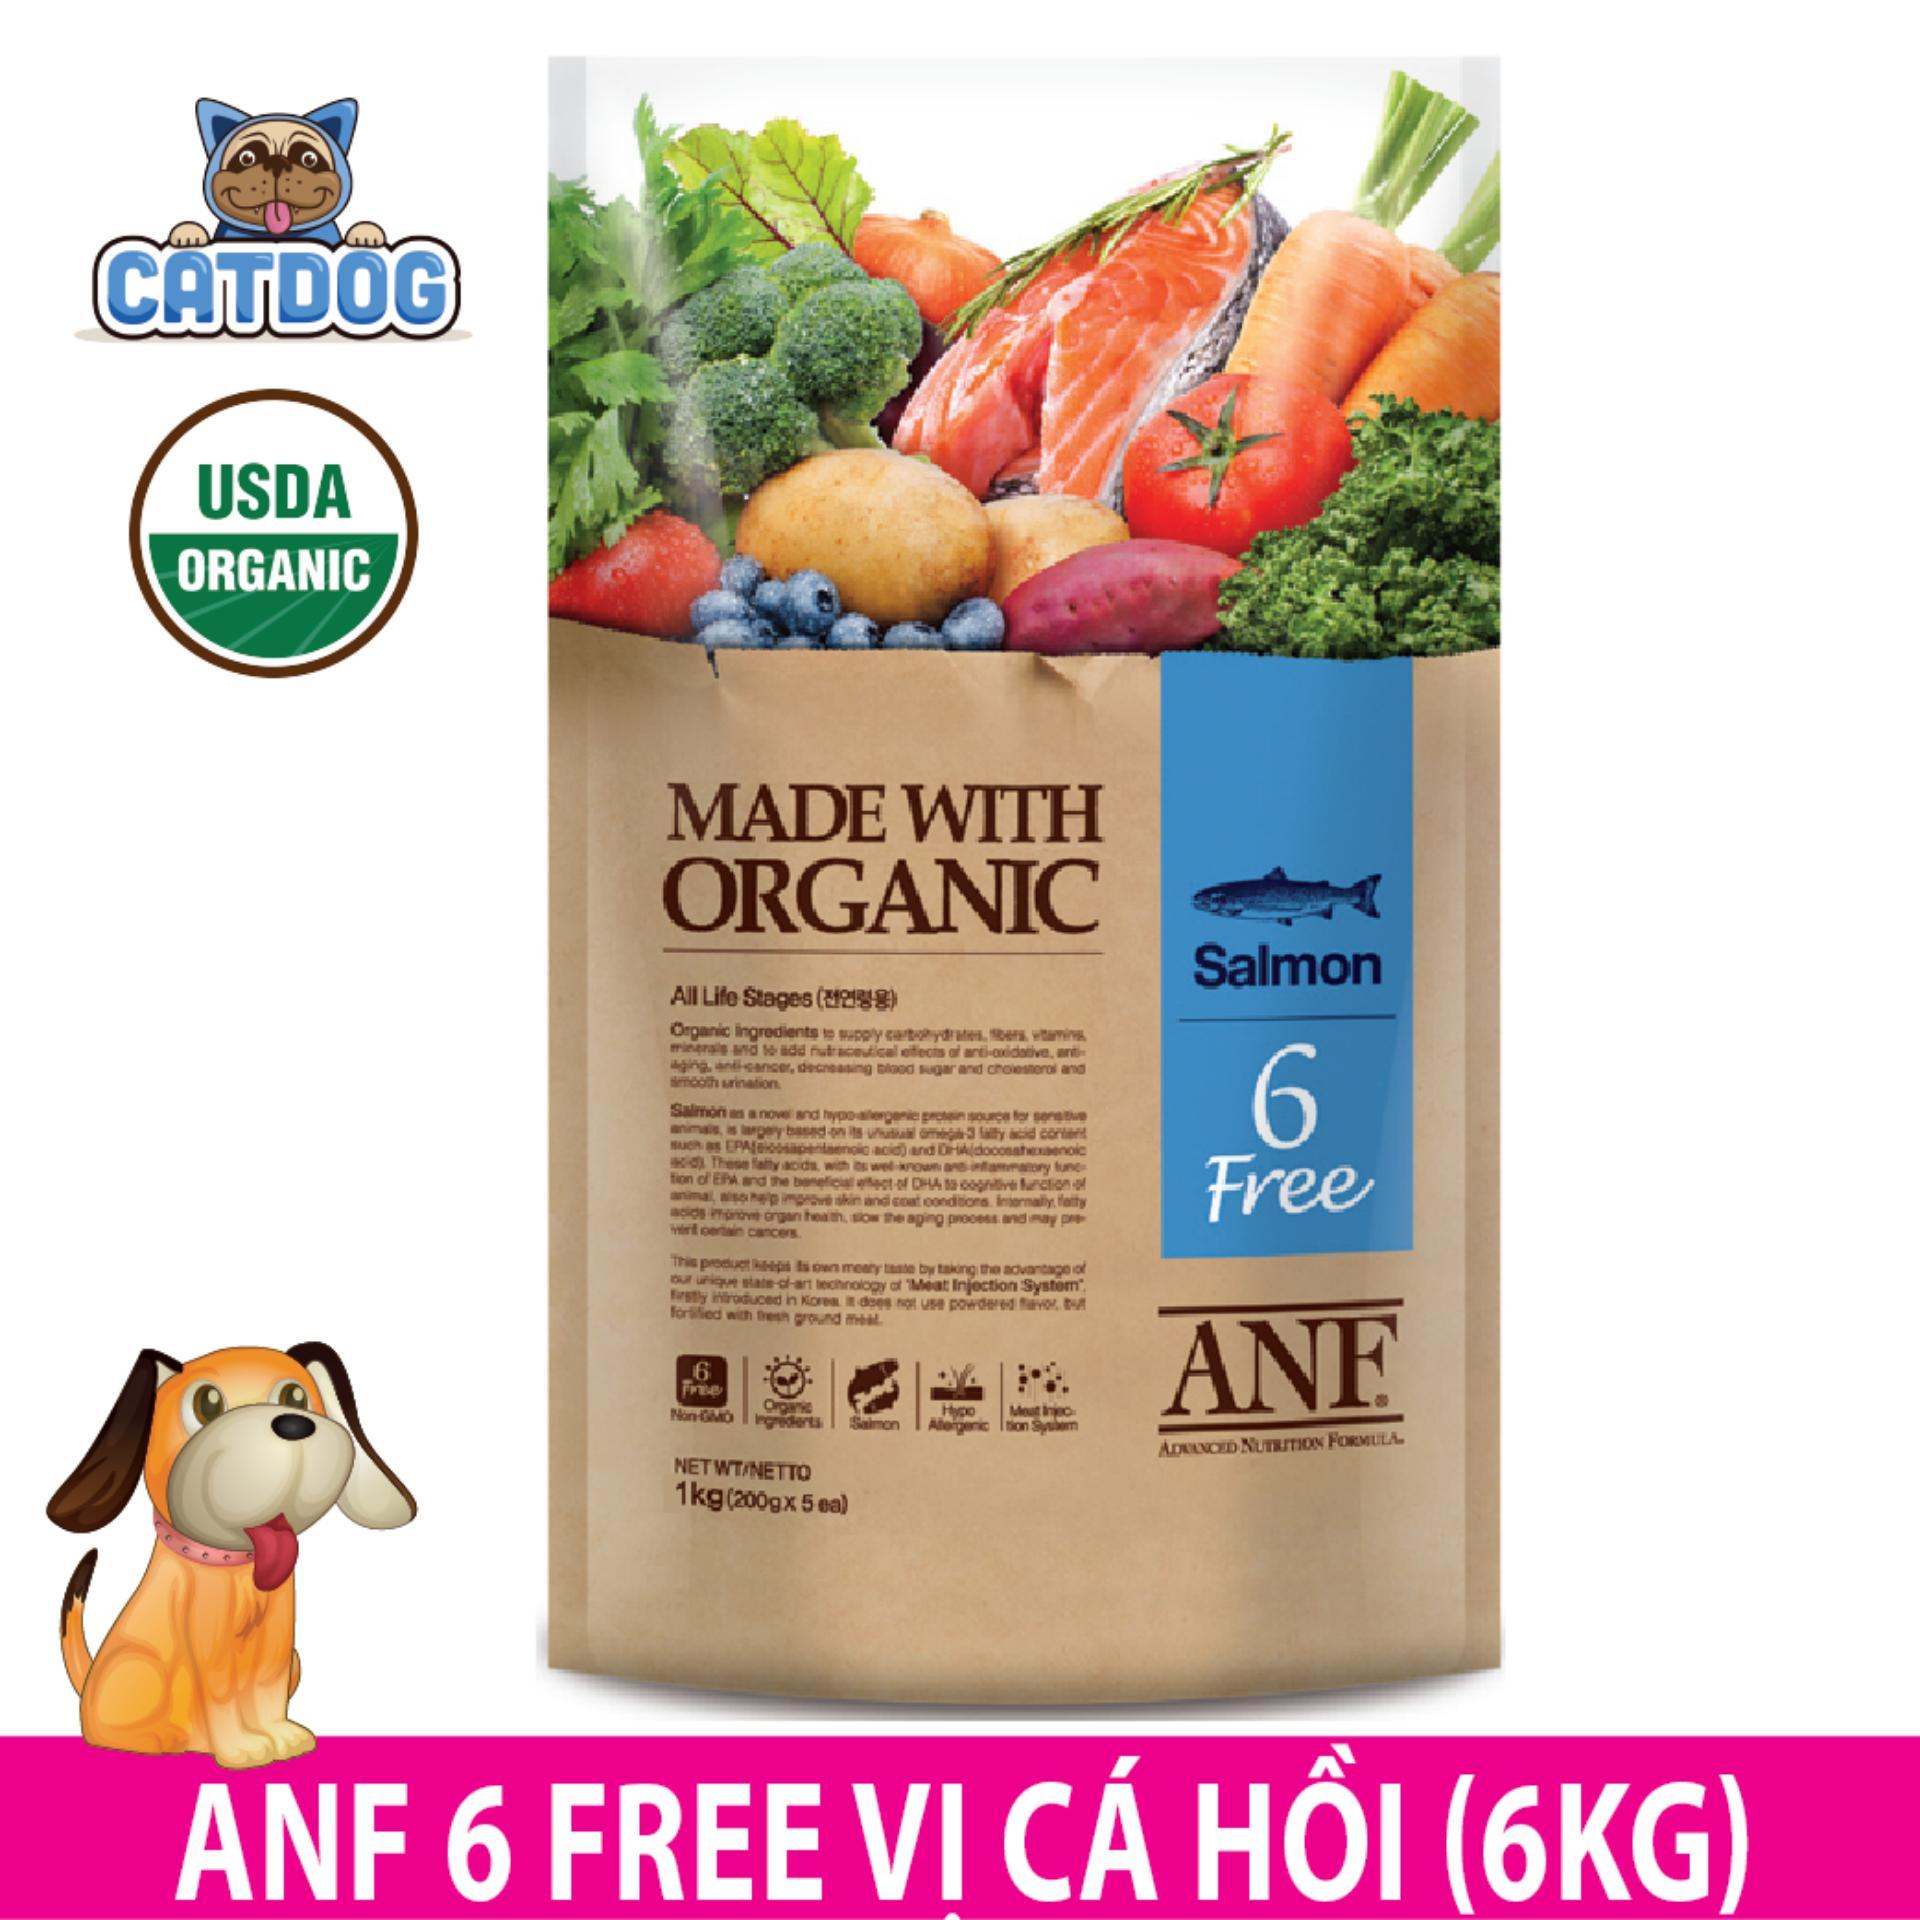 Mã Khuyến Mại Hạt Anf 6 Free Organic Vị Ca Hồi 6Kg Cho Trong Hà Nội